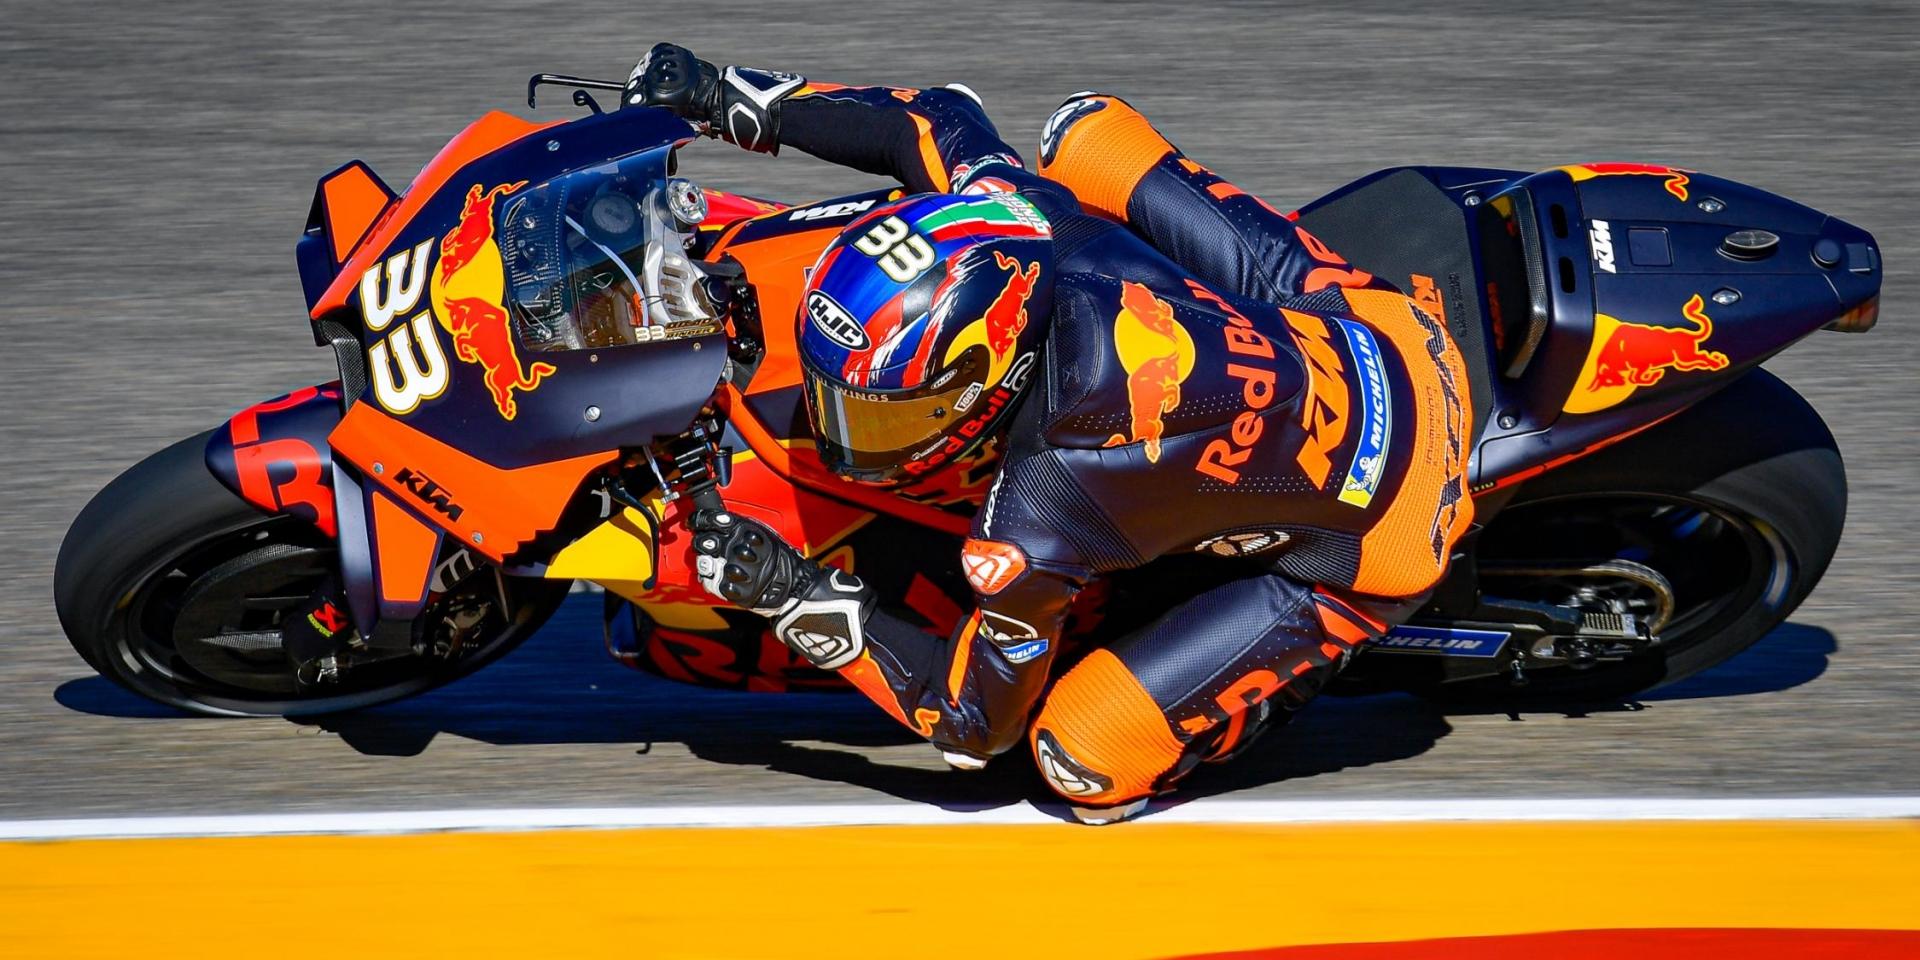 準備就緒!Stefan Pierer:2021年KTM準備好要為世界冠軍而戰!